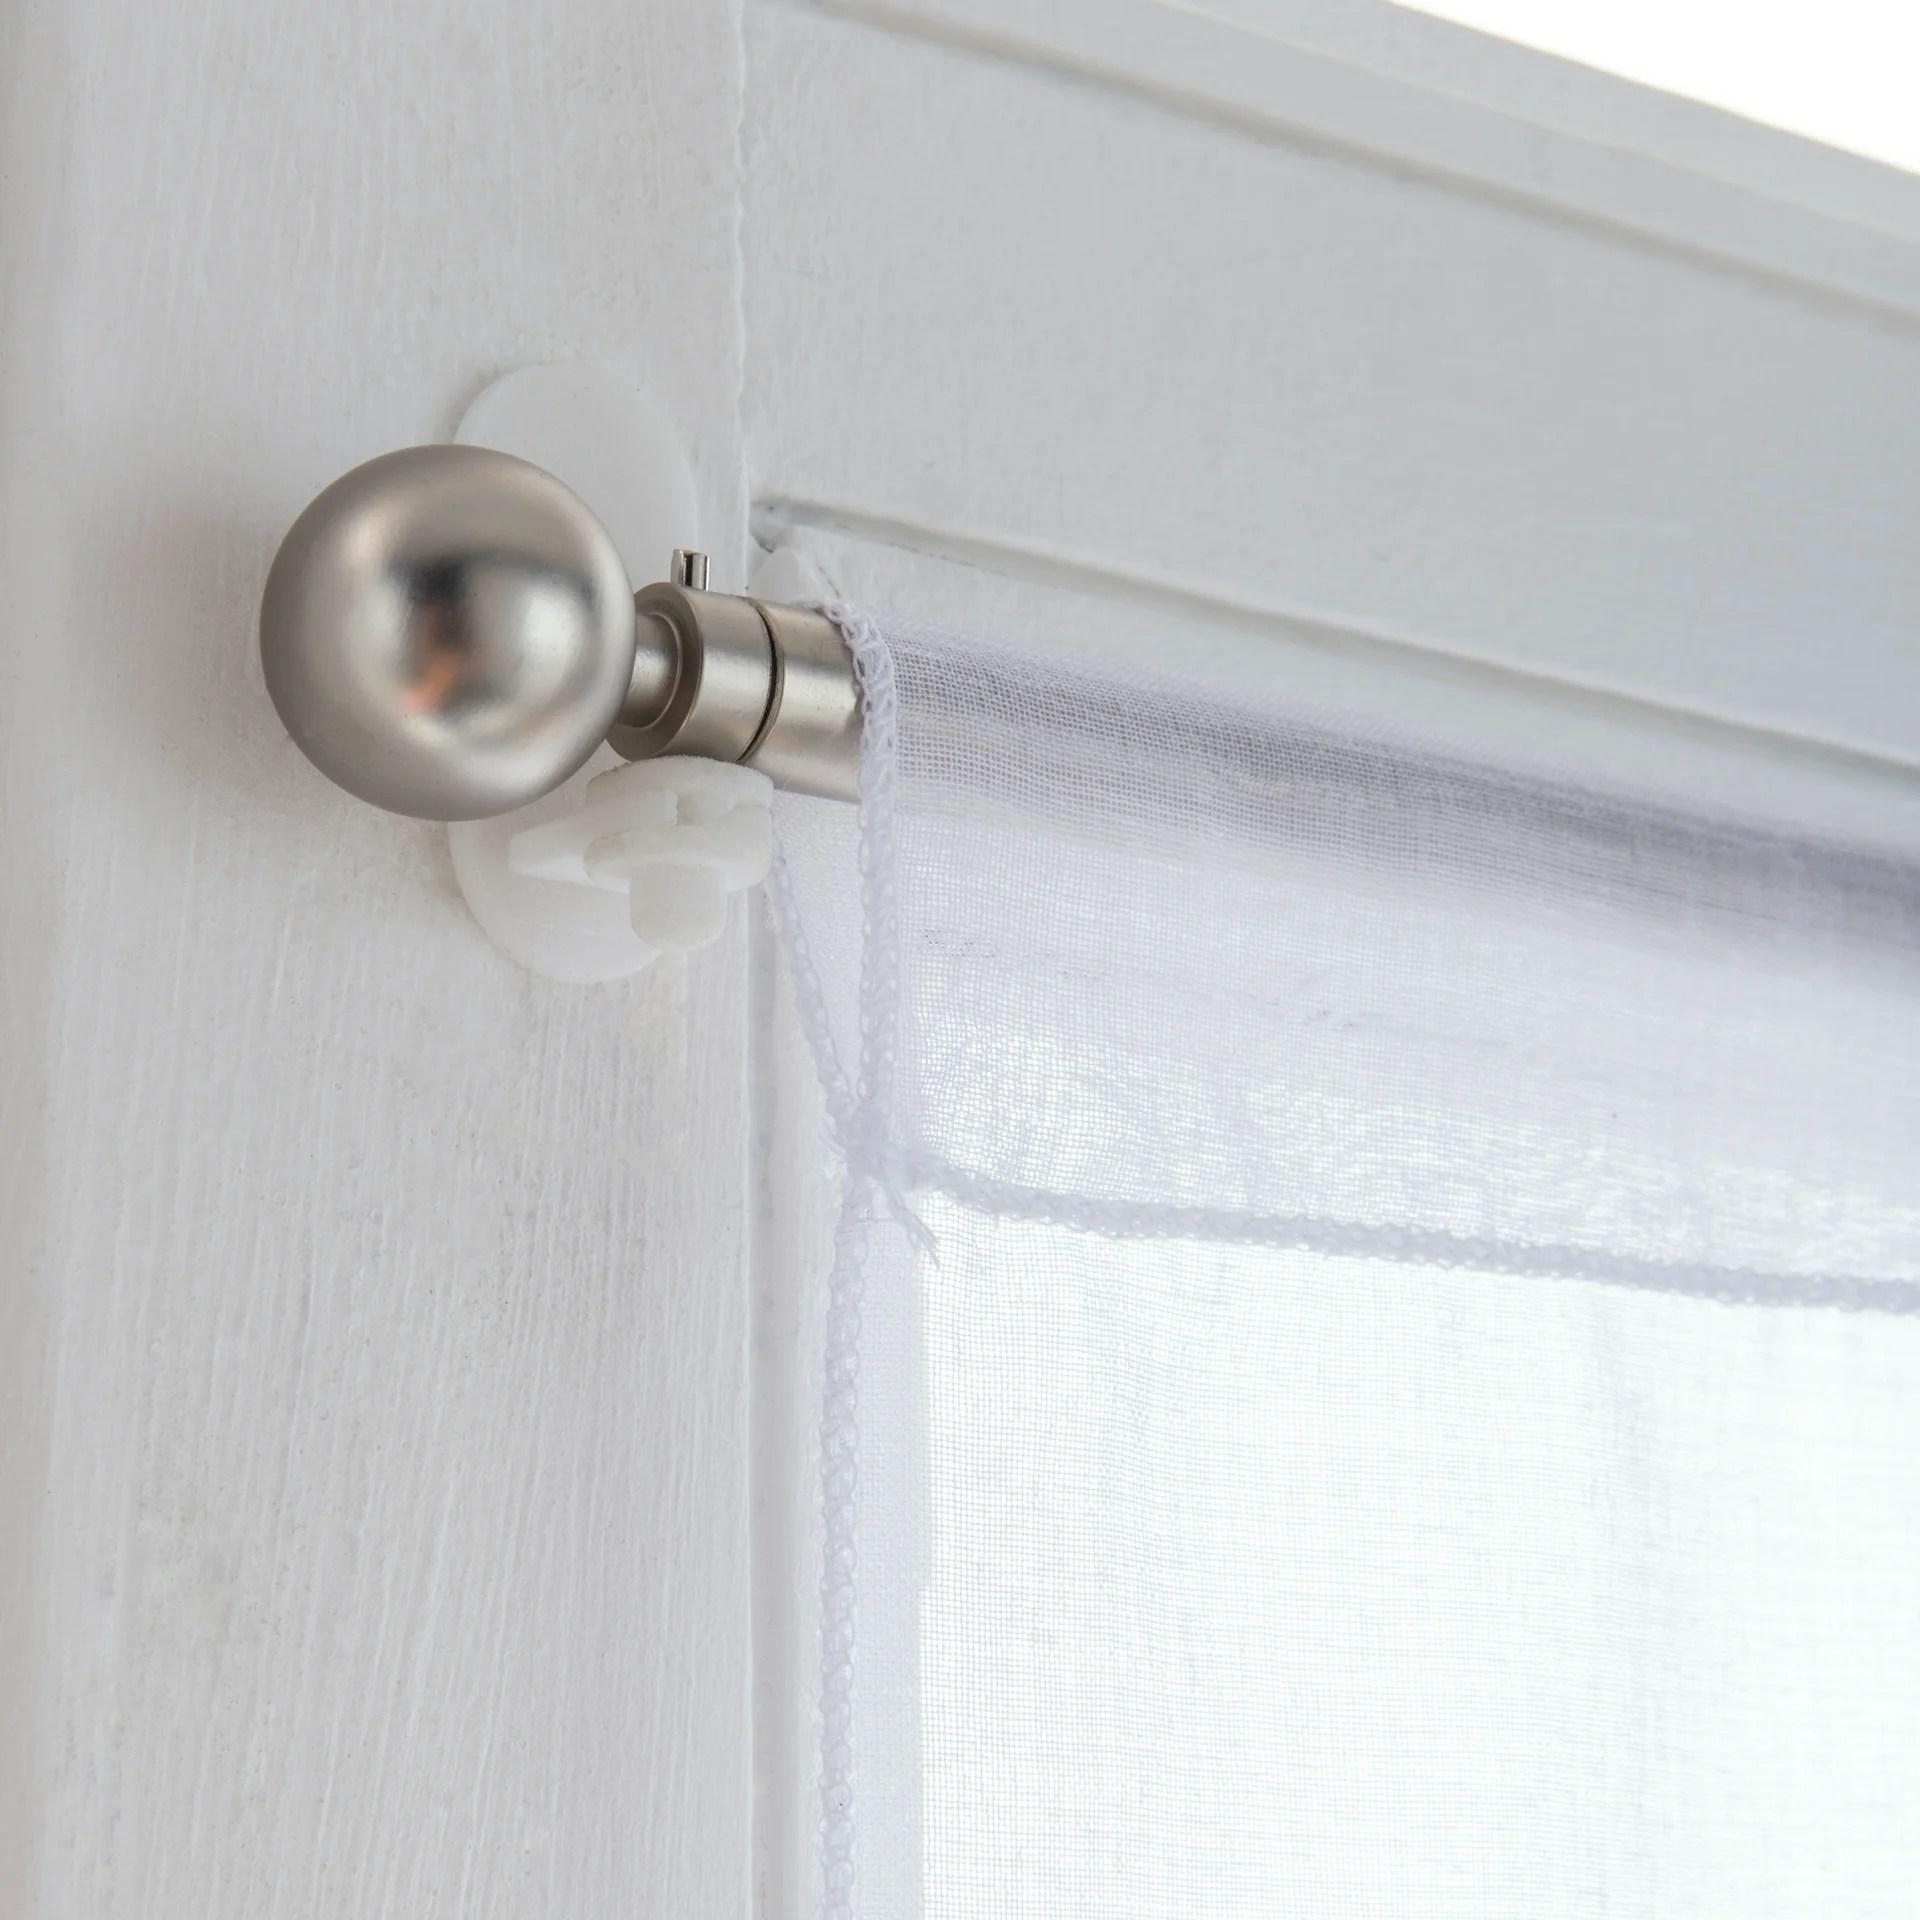 lot de 2 supports sans percage barre de vitrage petite fenetre 8 mm transparent